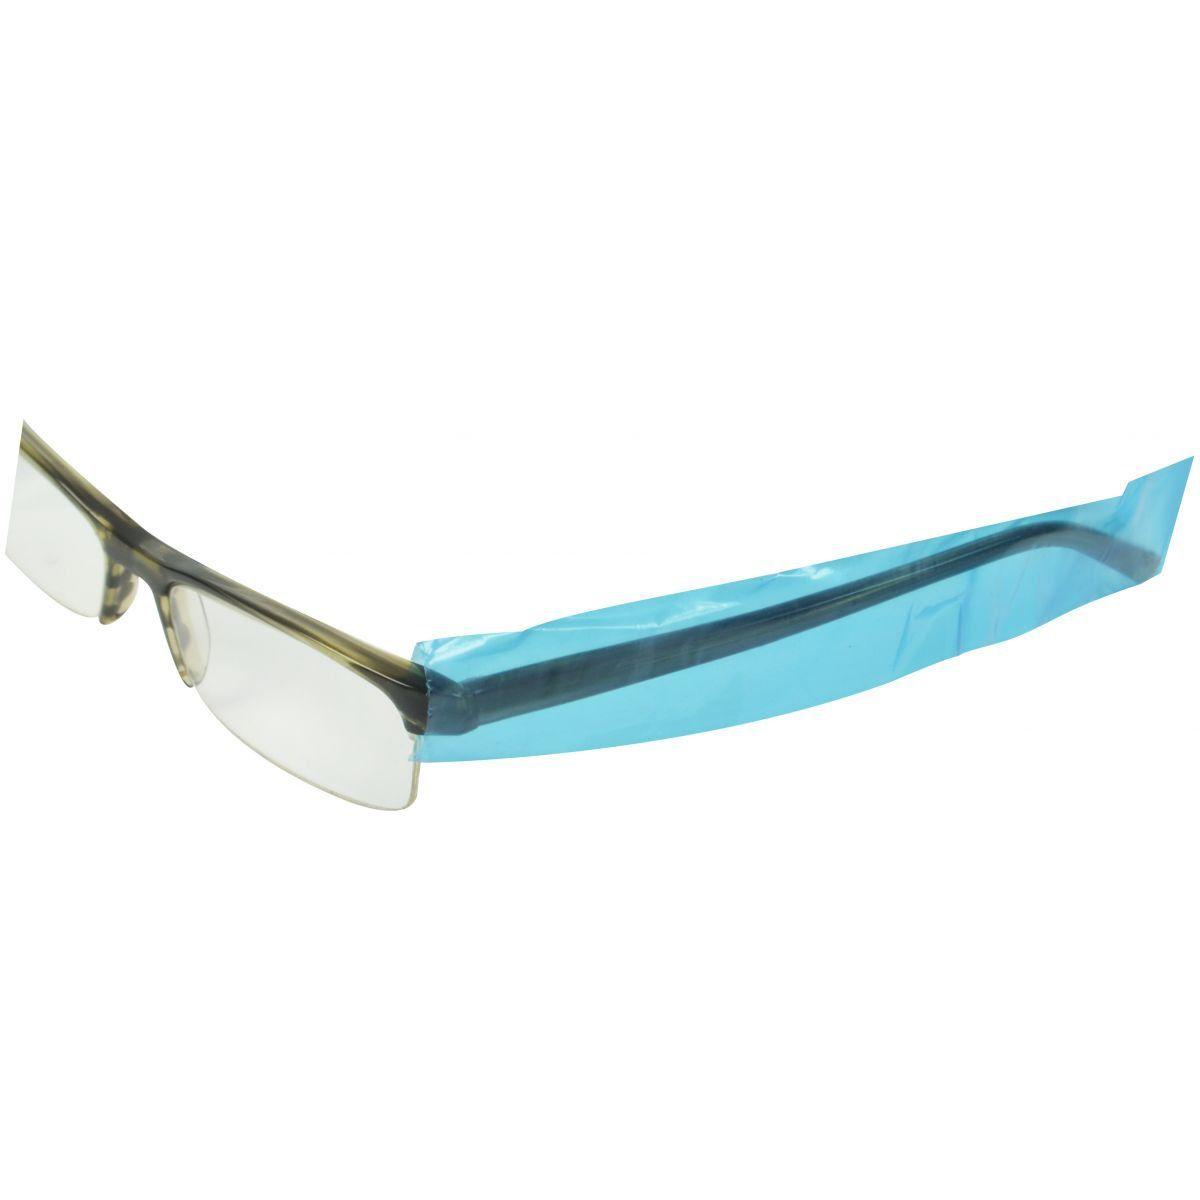 Protetor Plástico Descartável Para Haste De Óculos - Santa Clara